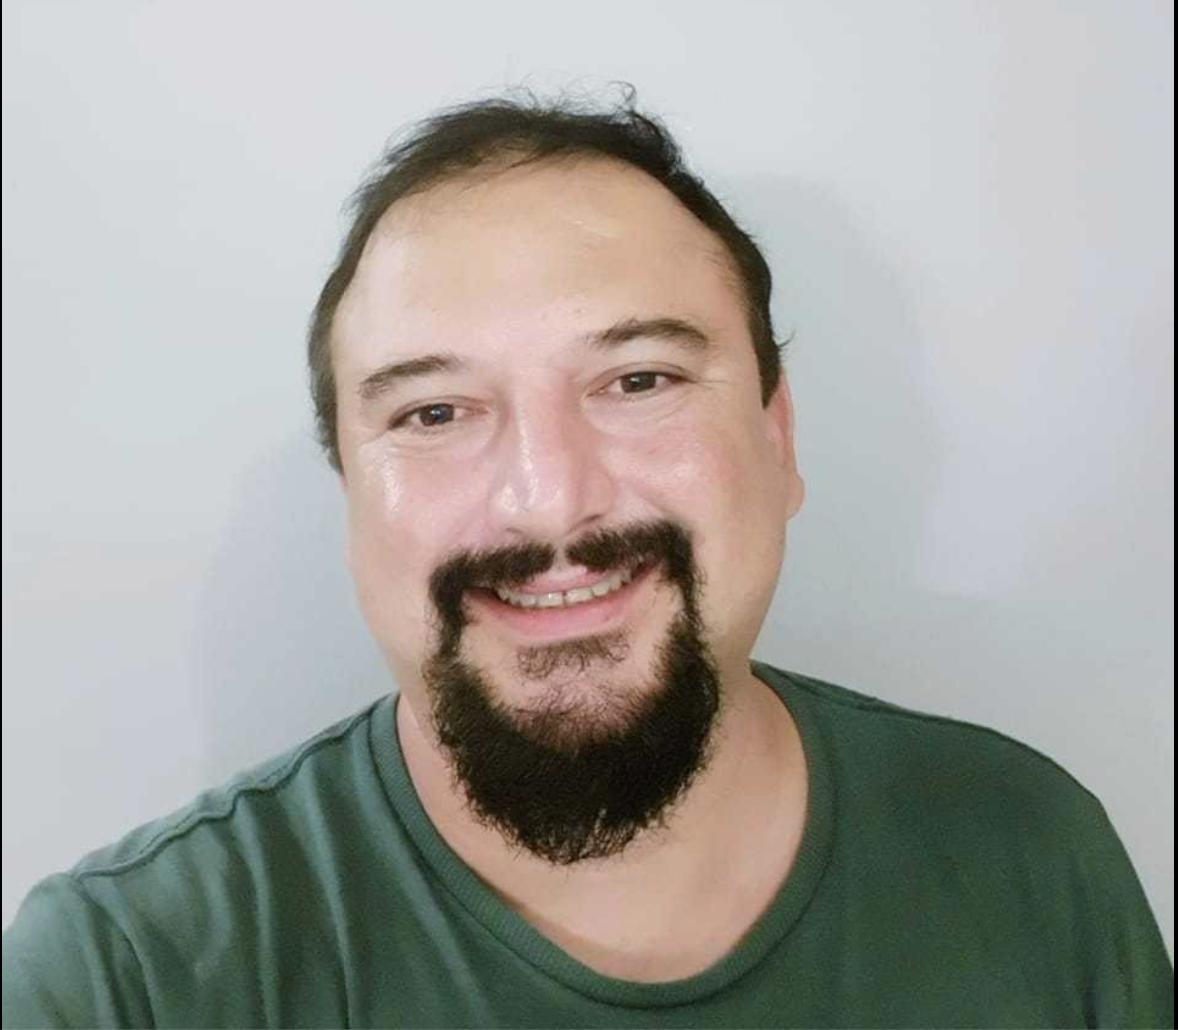 Luiz Aranha